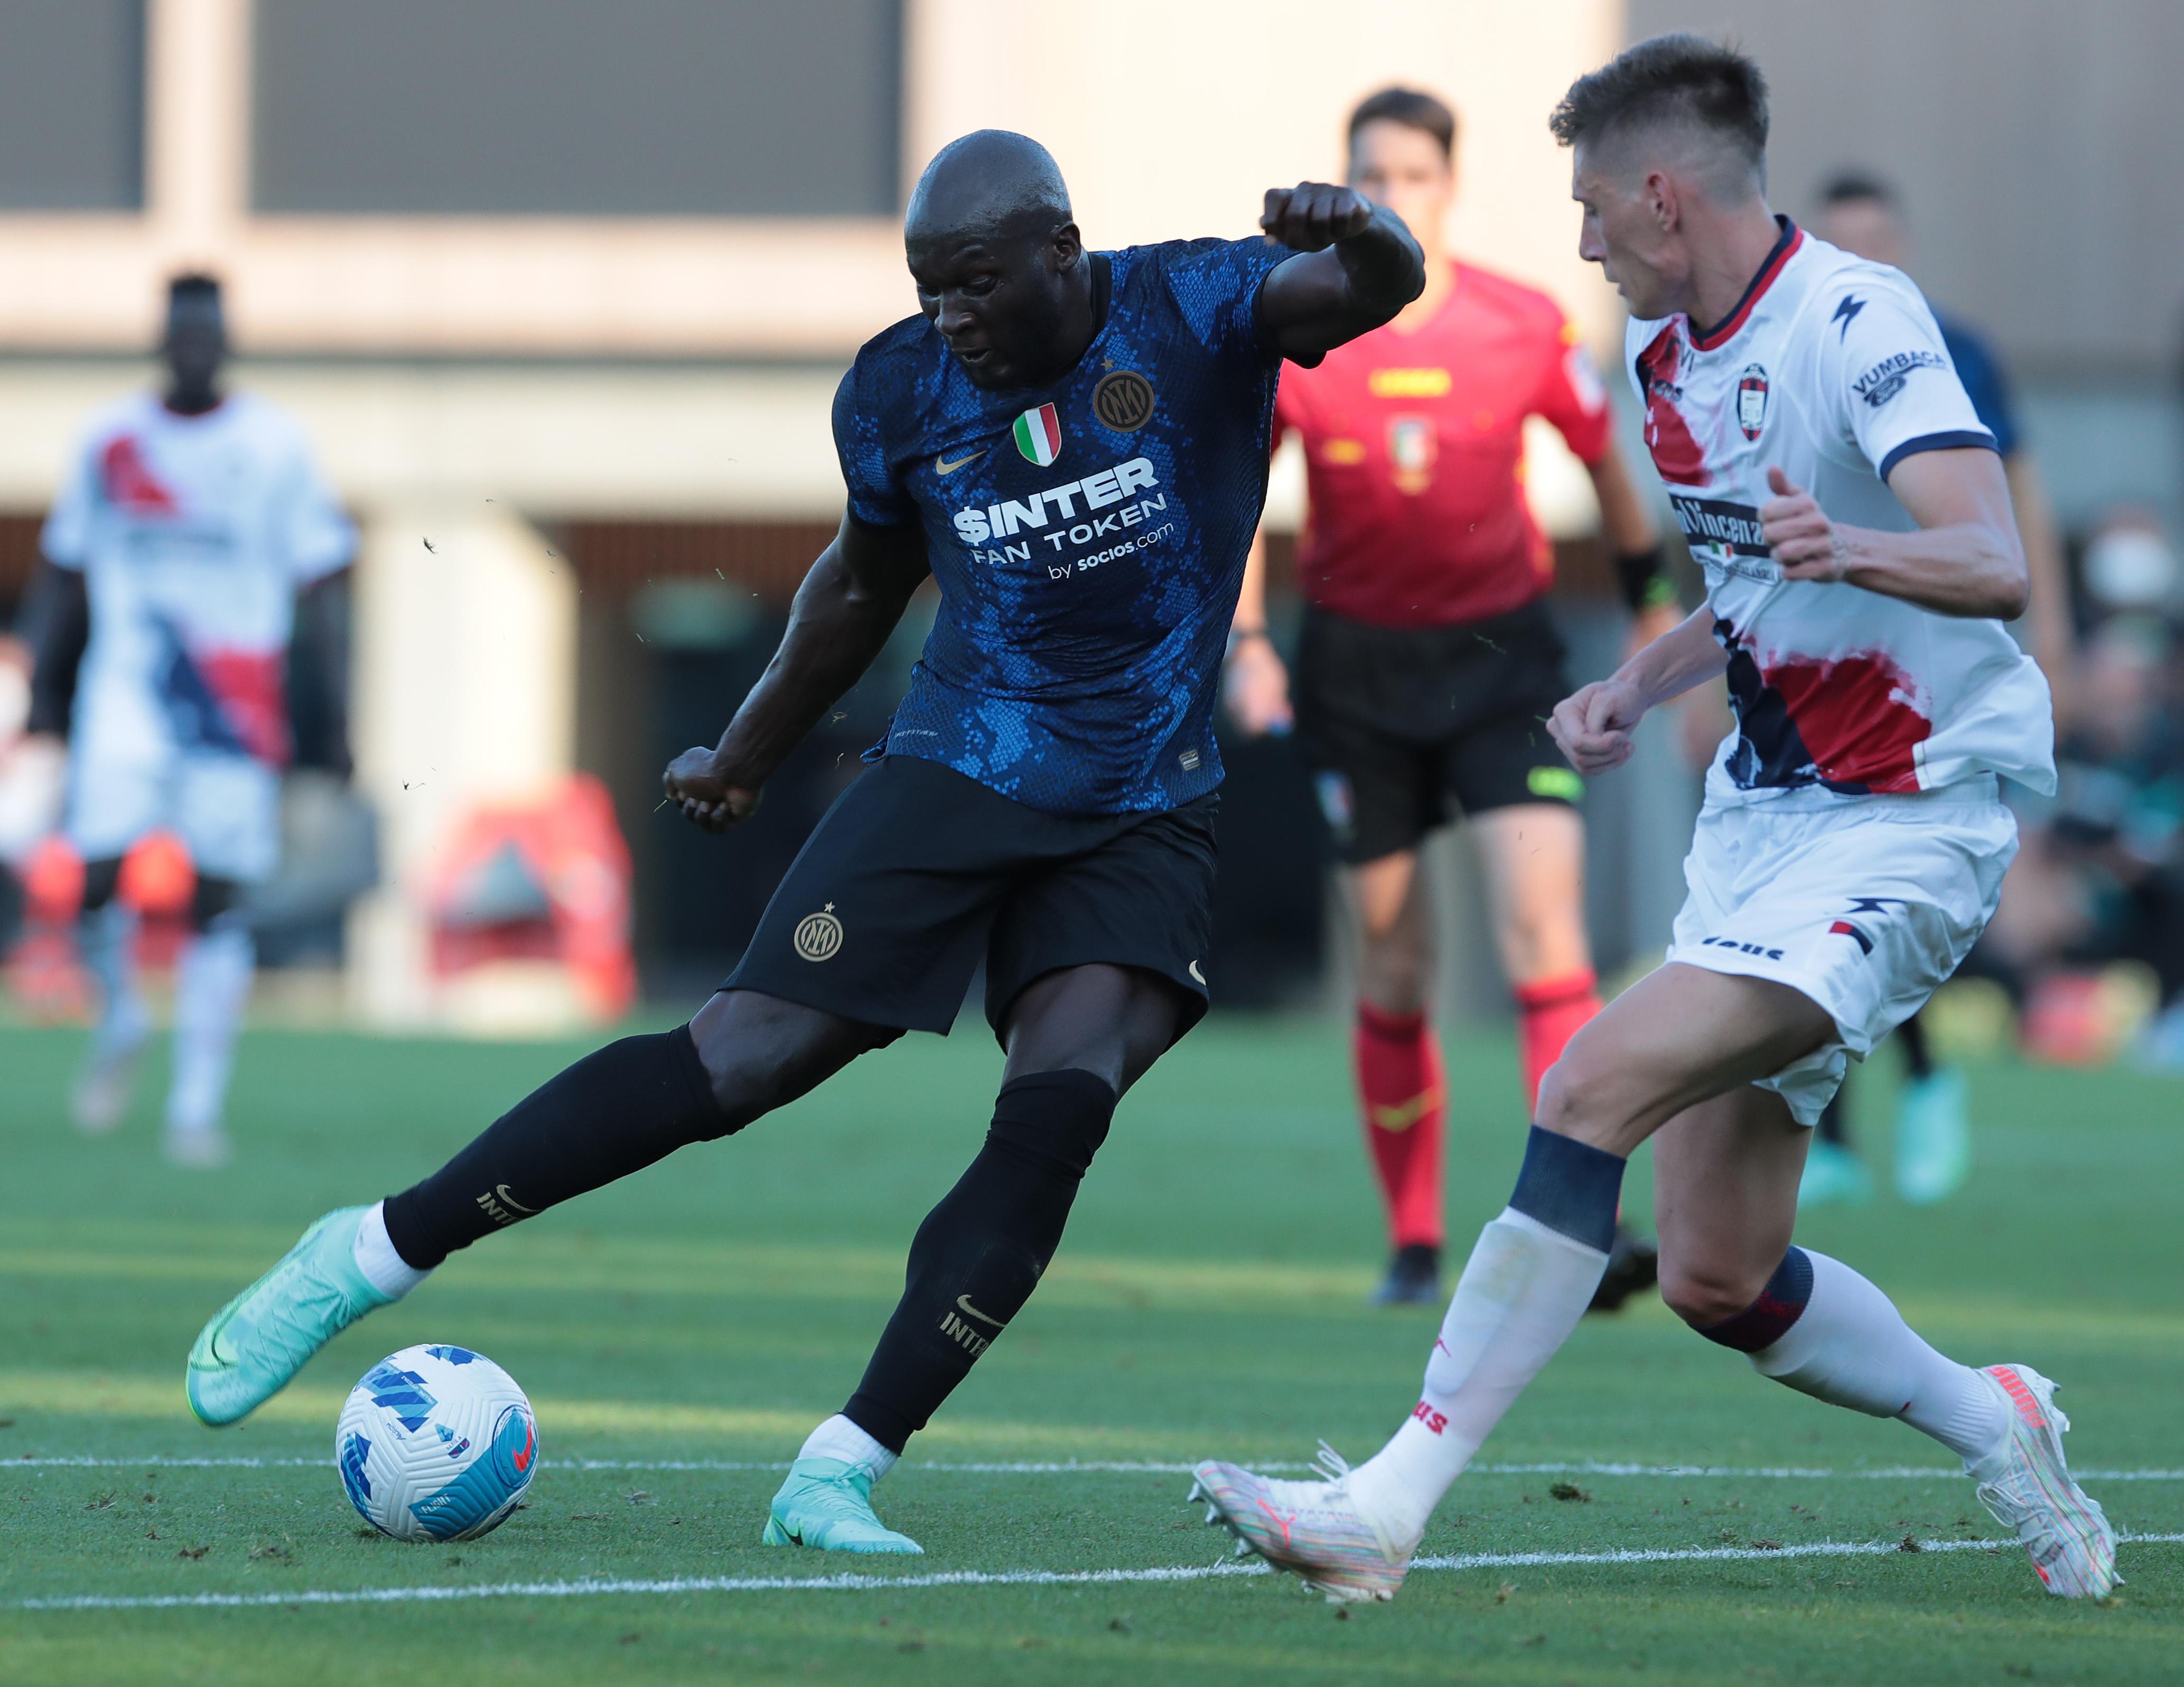 FC Internazionale v FC Crotone - Pre-Season Friendly